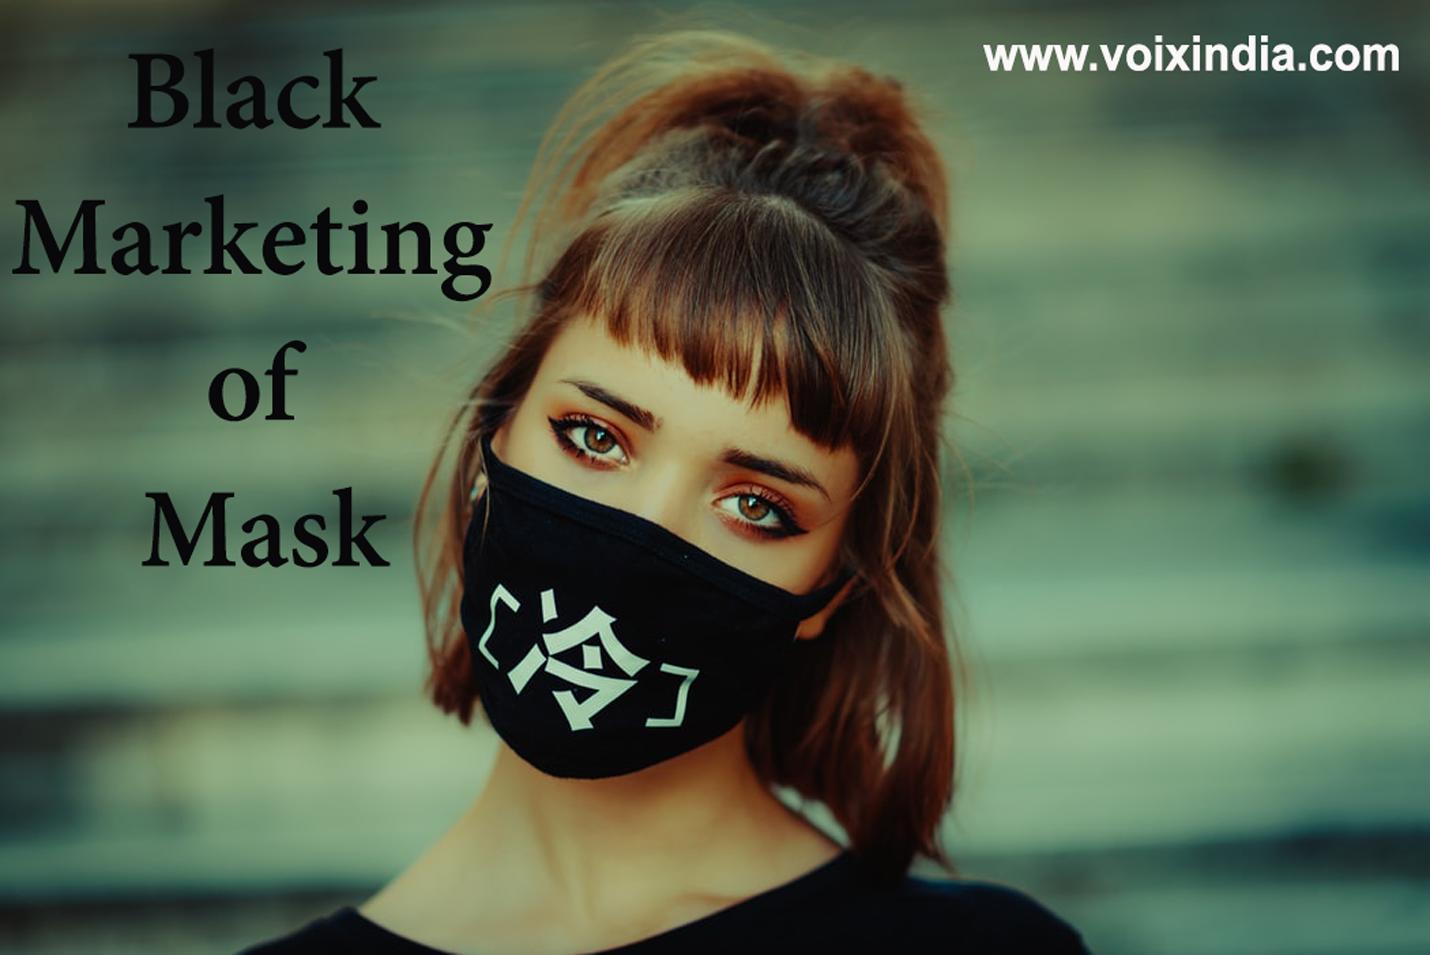 girl-wearing-mask-voixindia